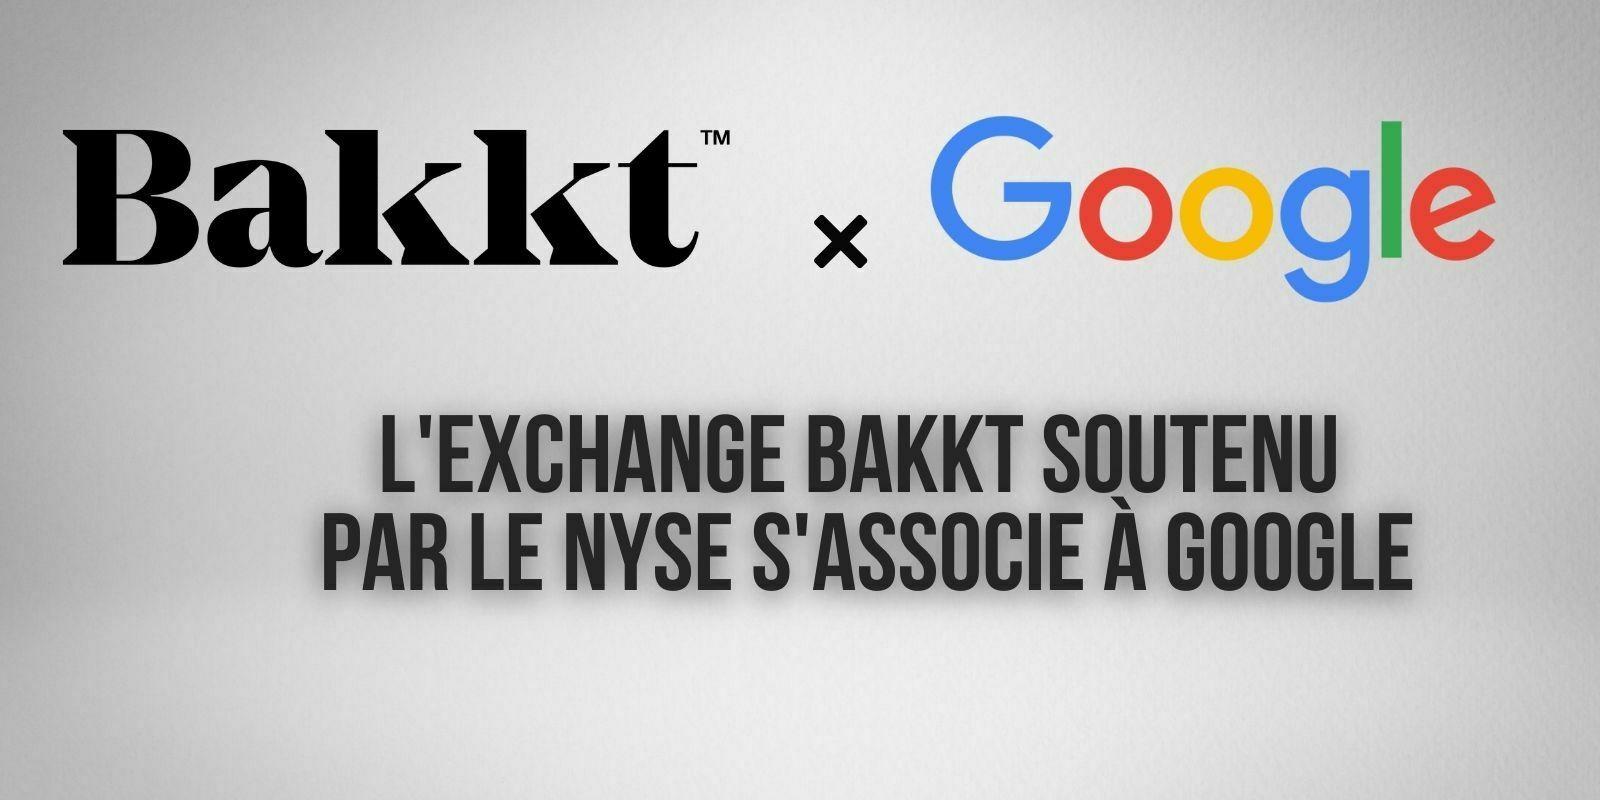 Bakkt collabore avec Google pour élargir l'accès des consommateurs aux cryptomonnaies